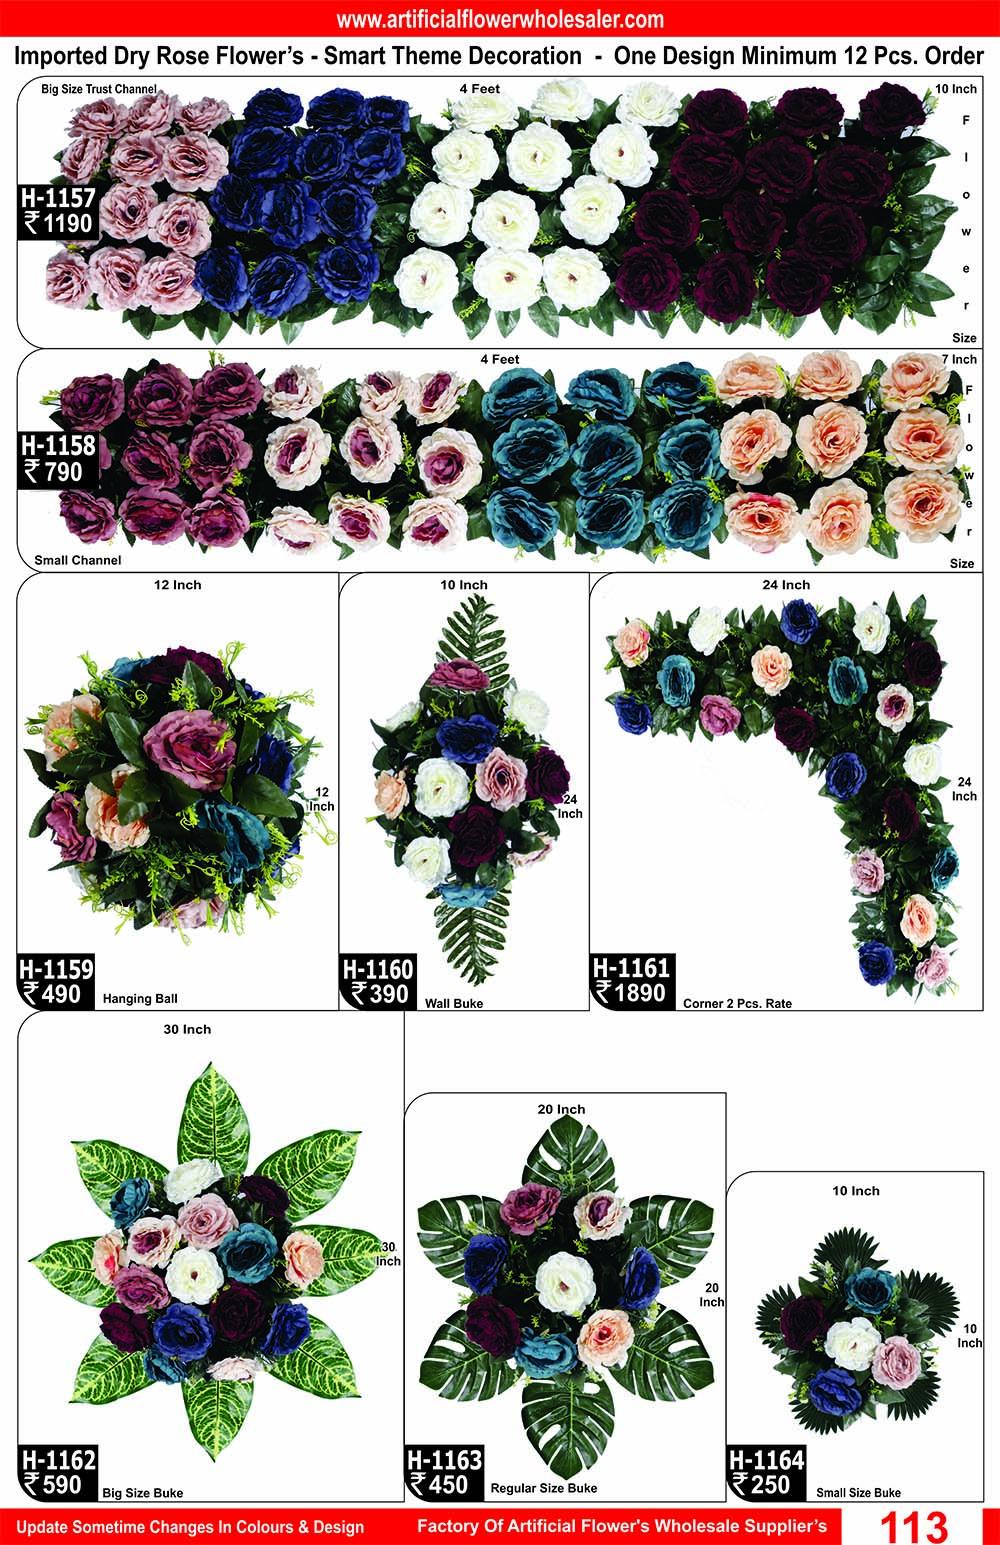 113-artificial-flower-wholesaler